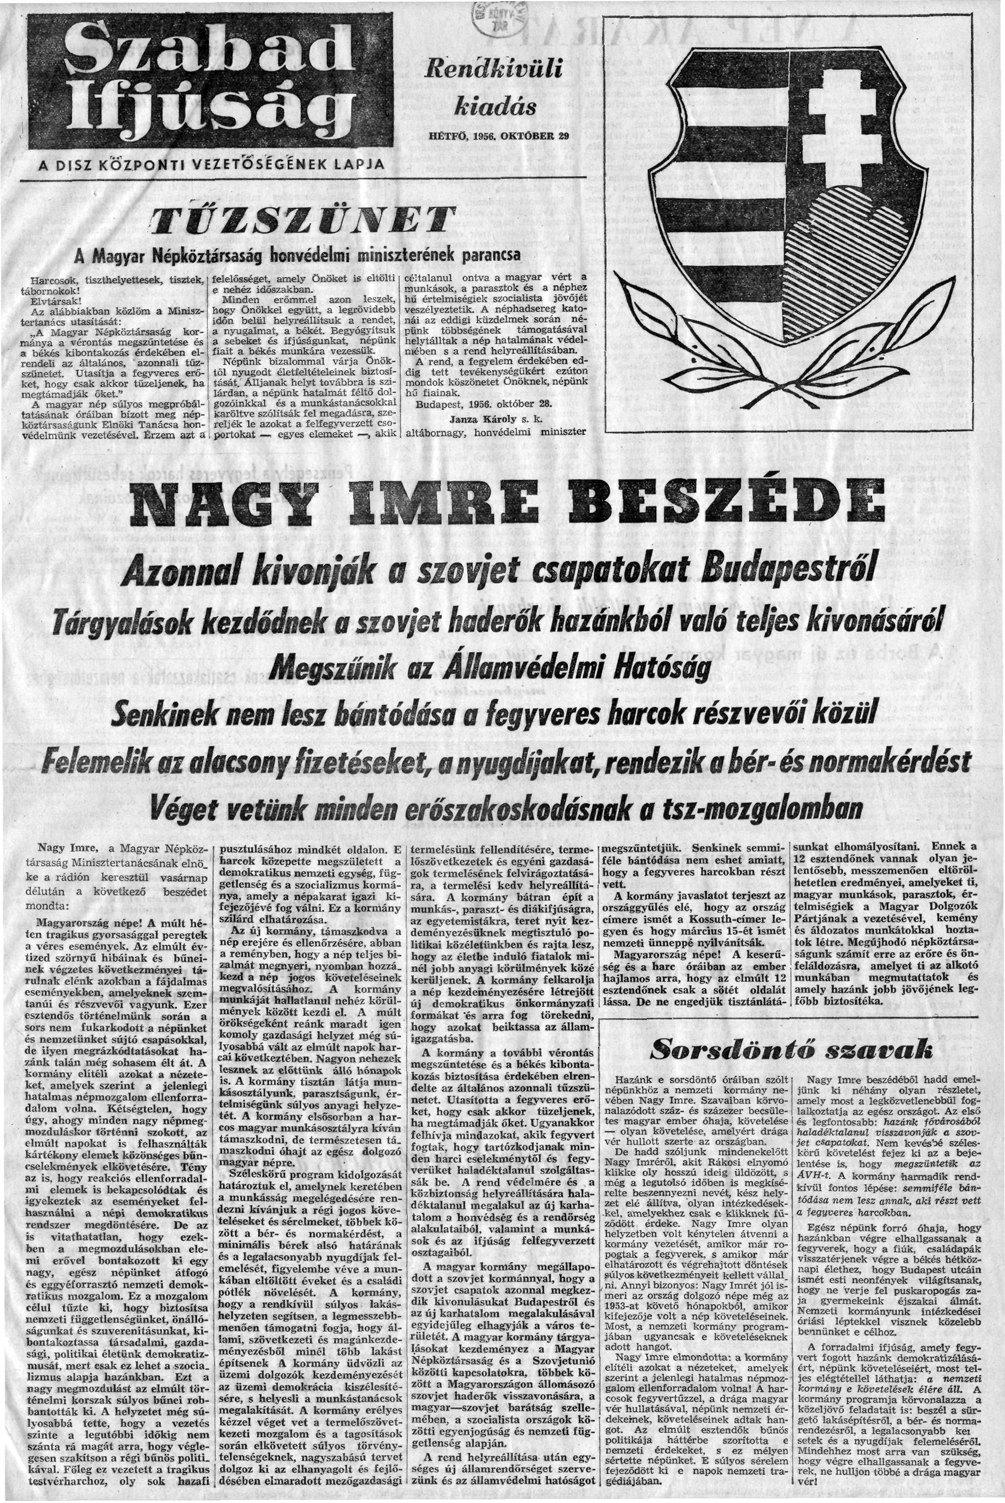 Tudósítás a beszédről 1956. október 29-én